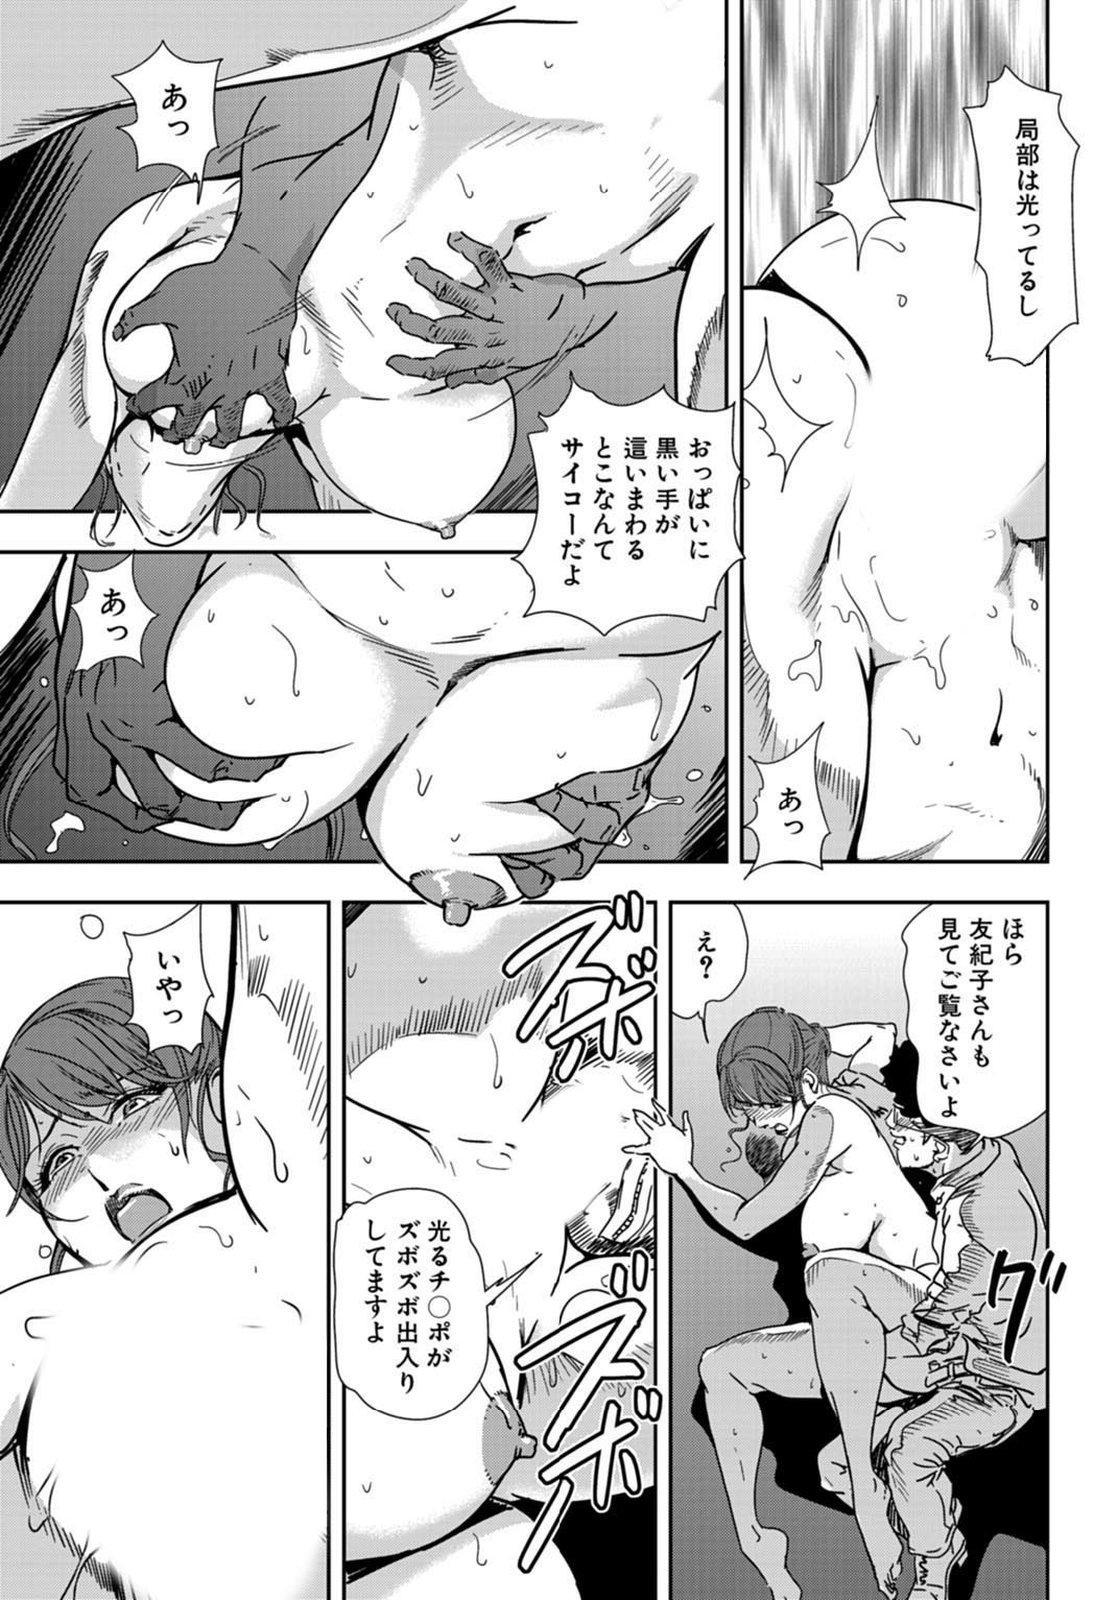 Nikuhisyo Yukiko 21 18